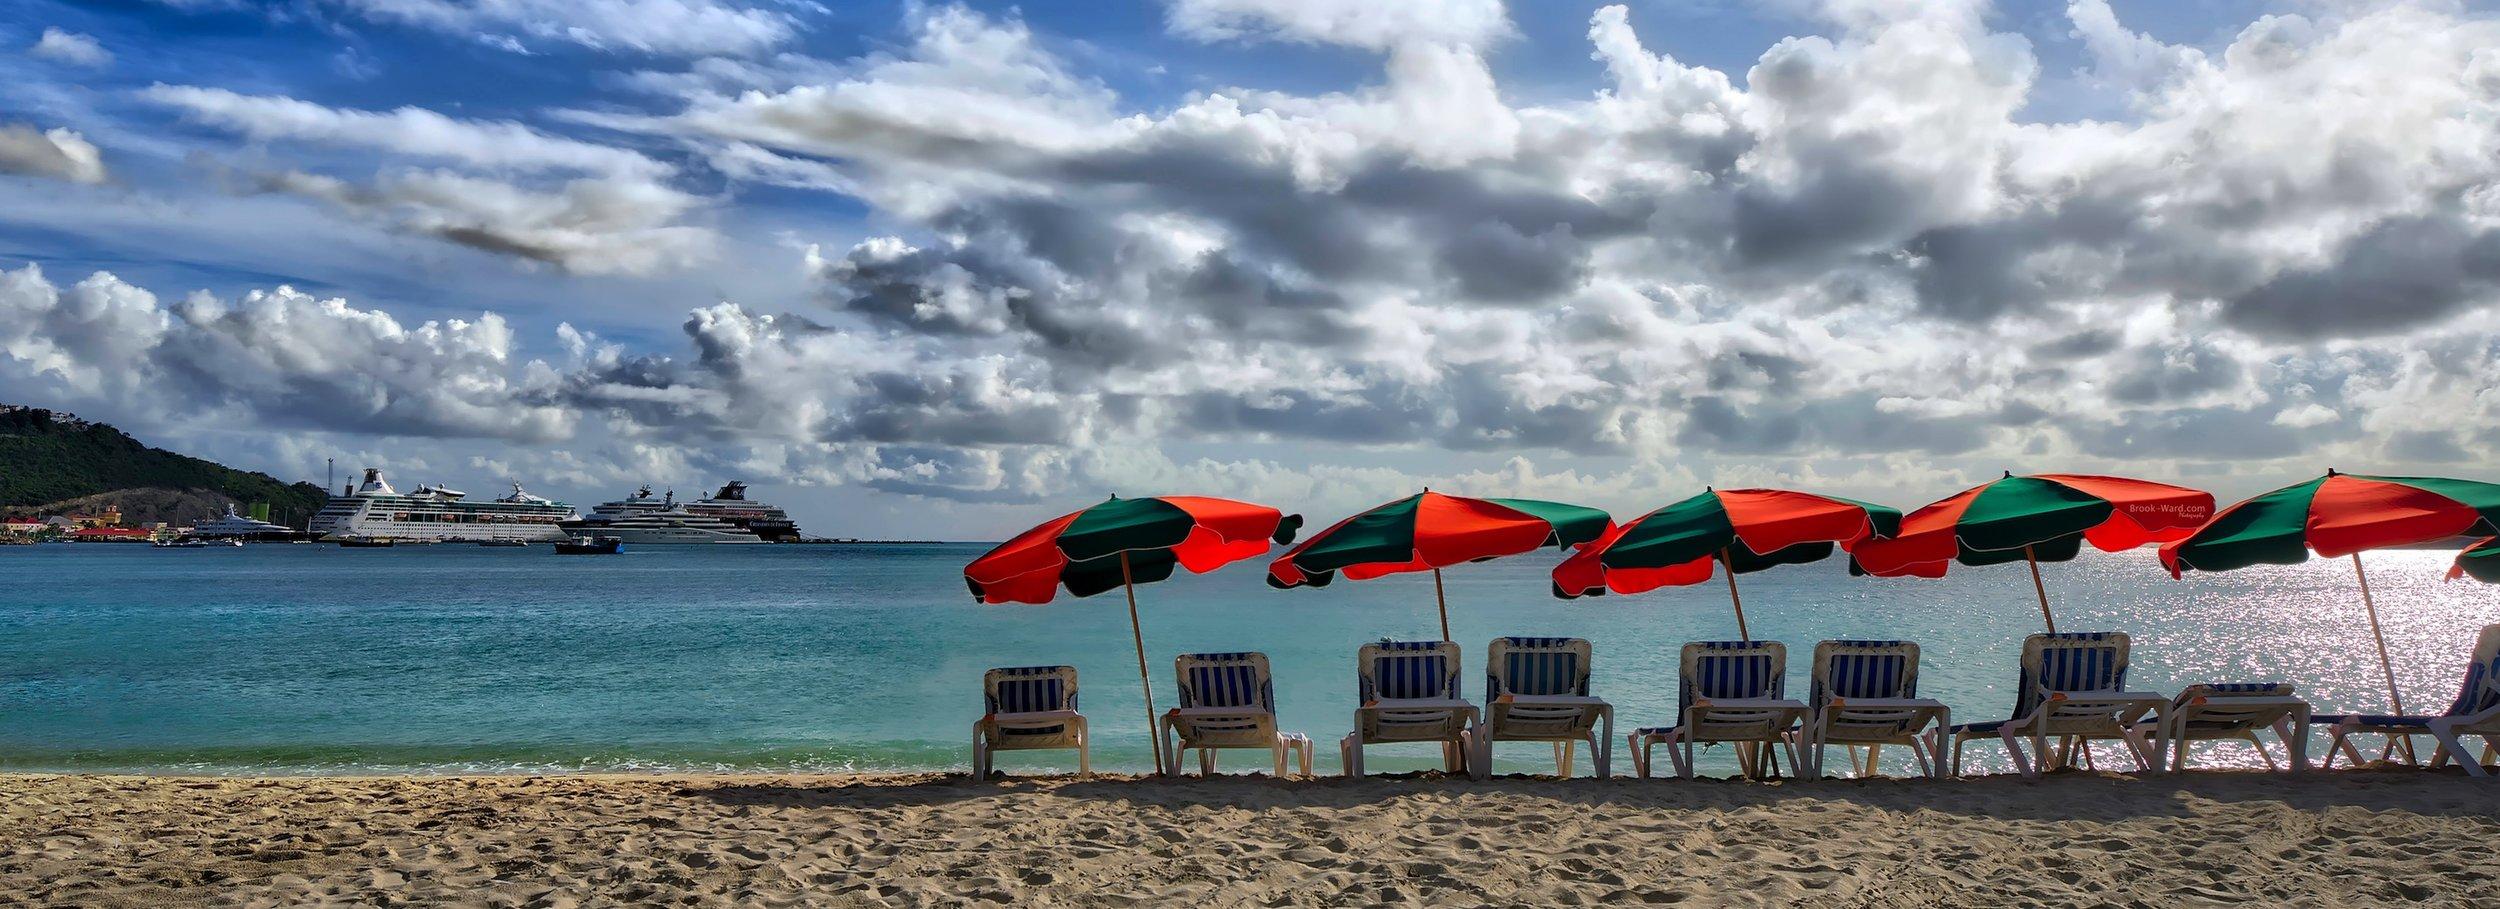 St. Maarten